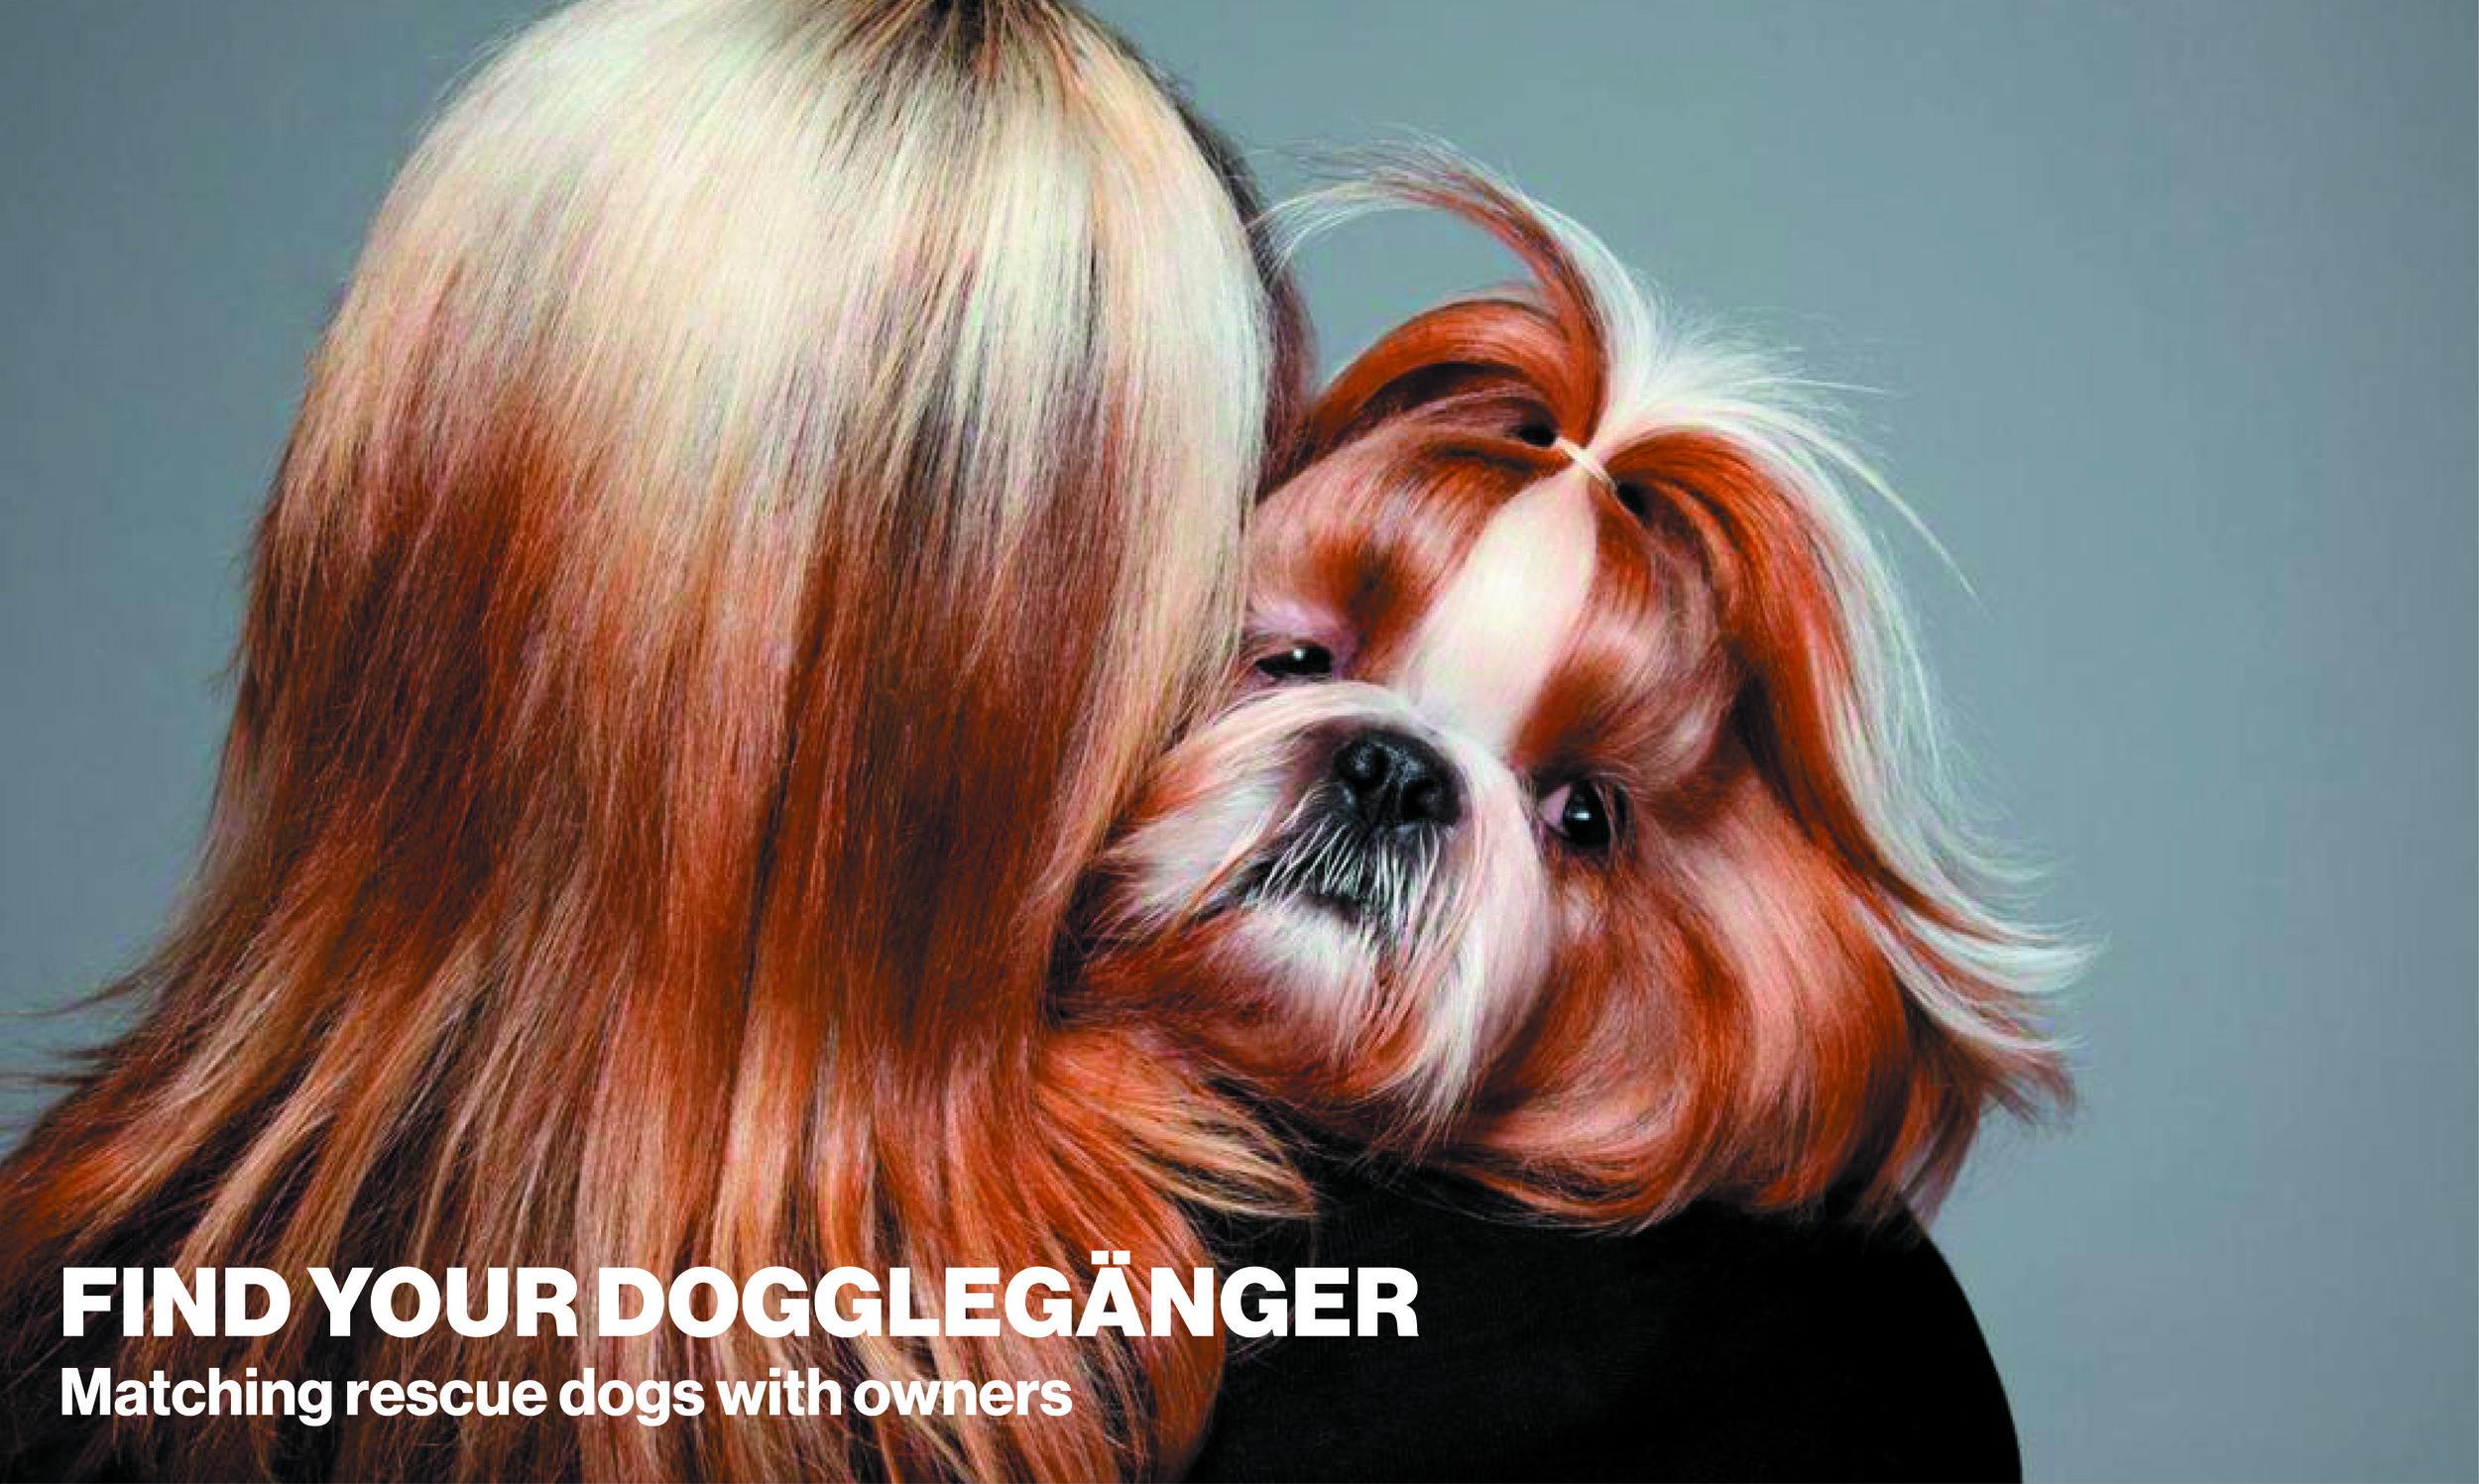 Duncan_Brooks_Doggleganger